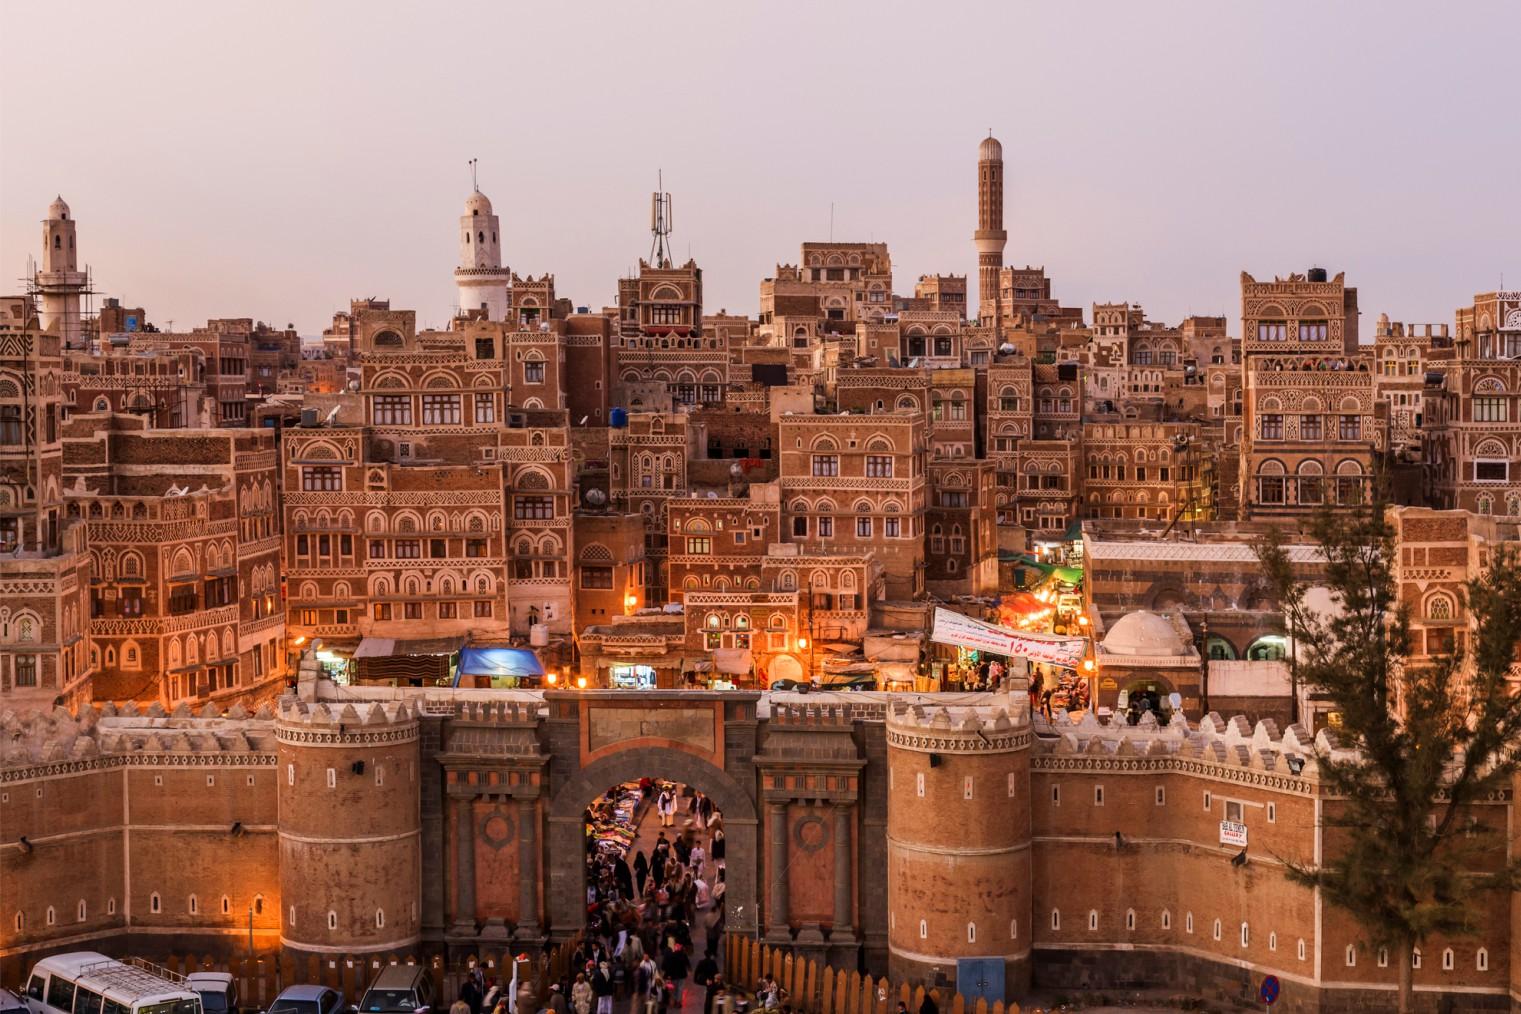 Yemen travel. Йемен - туристический справочник